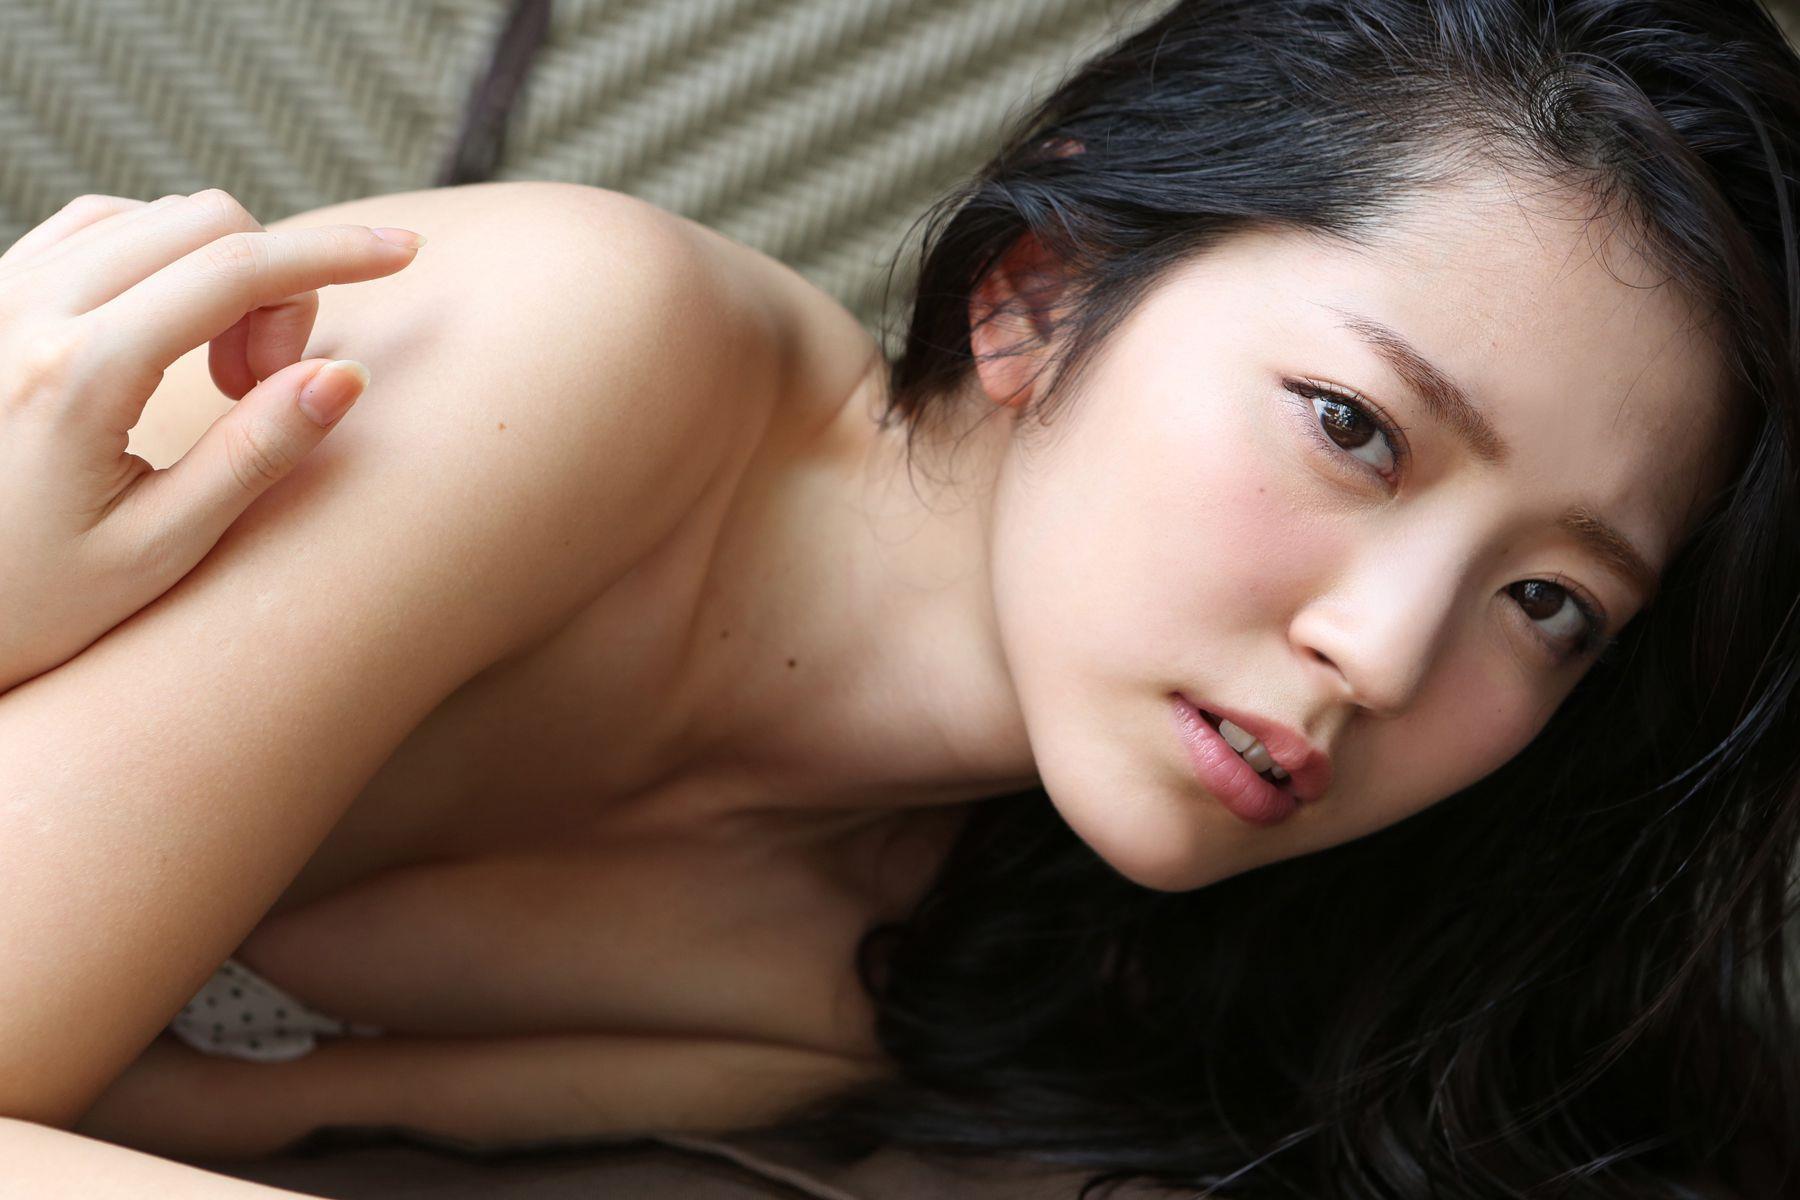 鈴木愛理(℃-ute) 画像 23